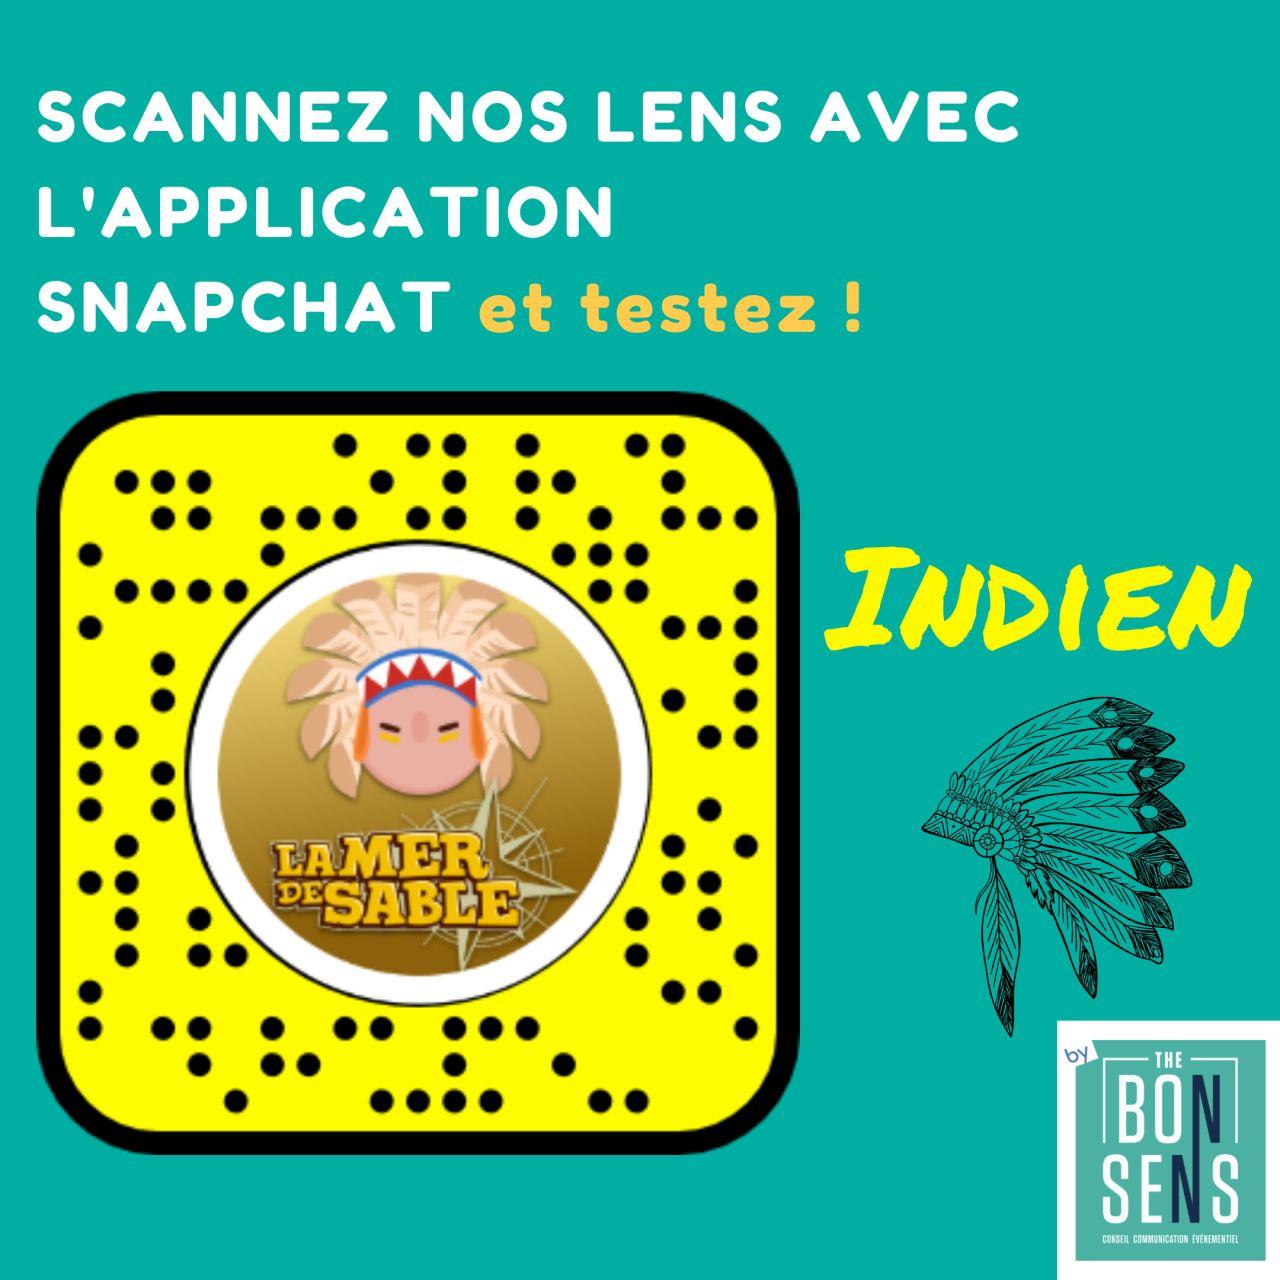 Filtre Snapchat la mer de sable agence de communication the bon sens Hauts de France Compiègne digital communication